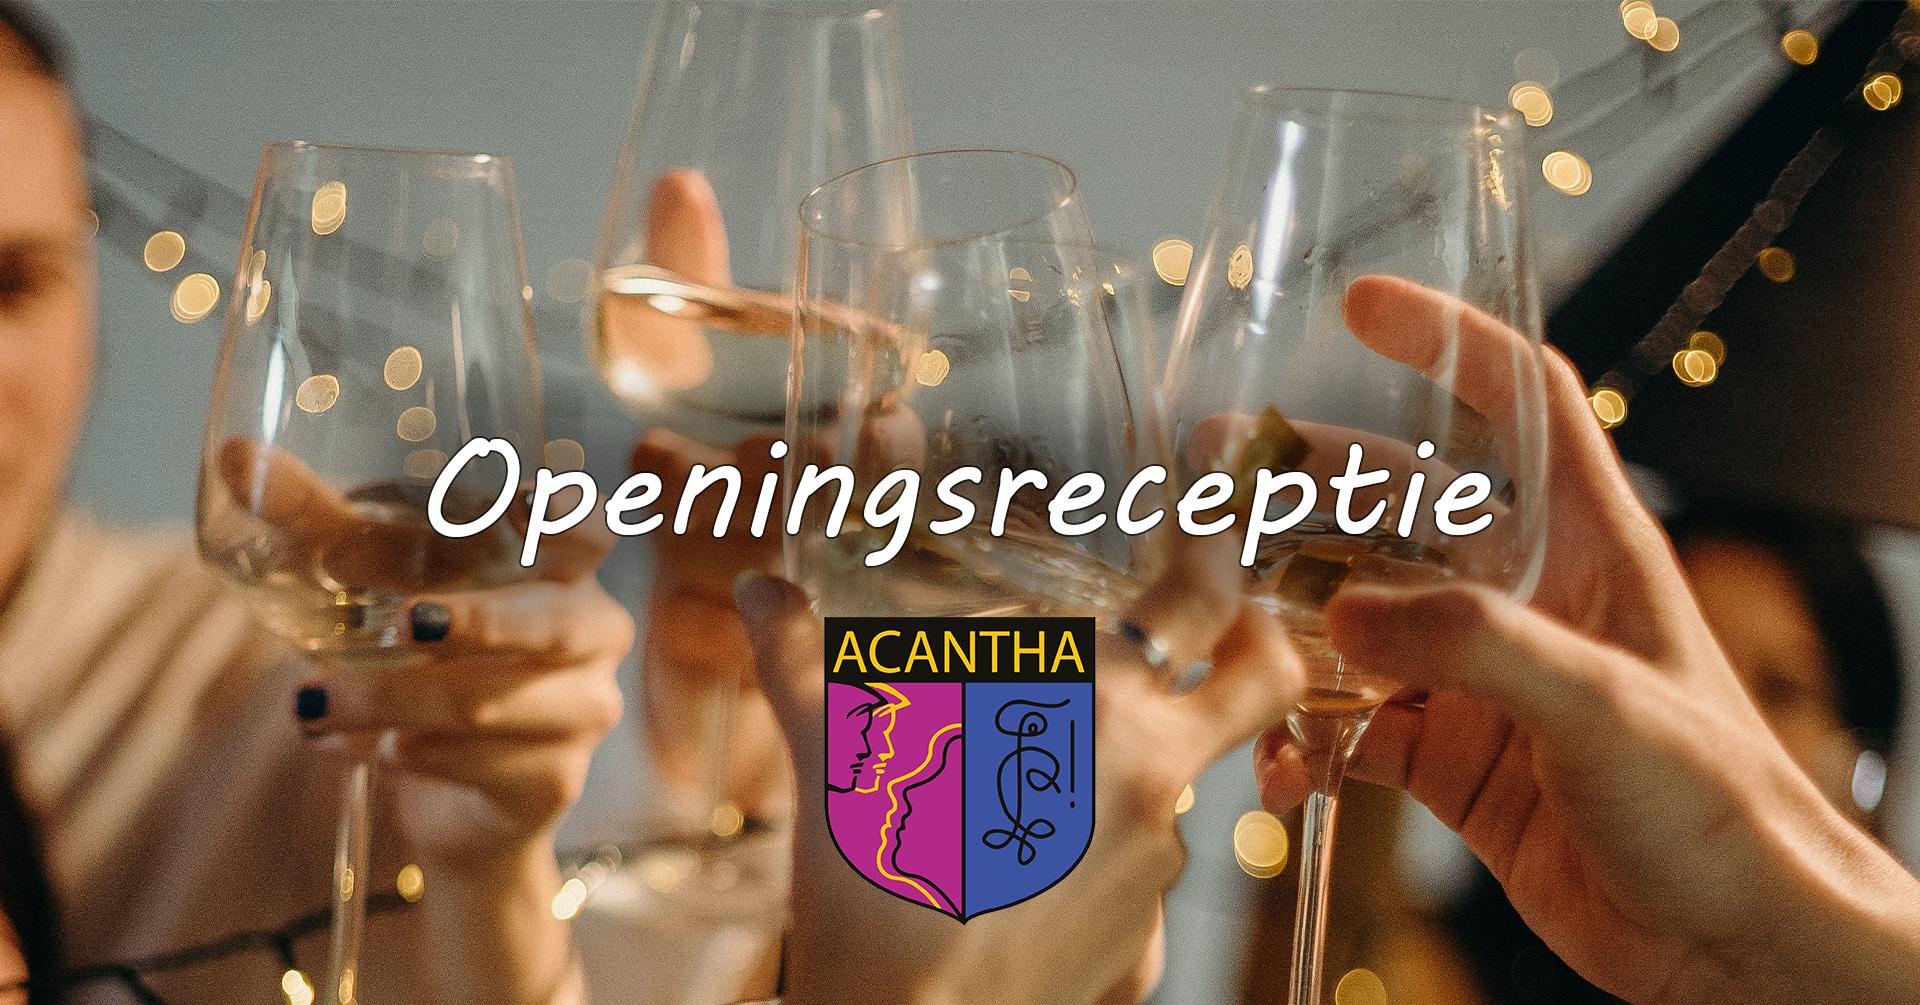 Openingsreceptie Acantha jaar 18